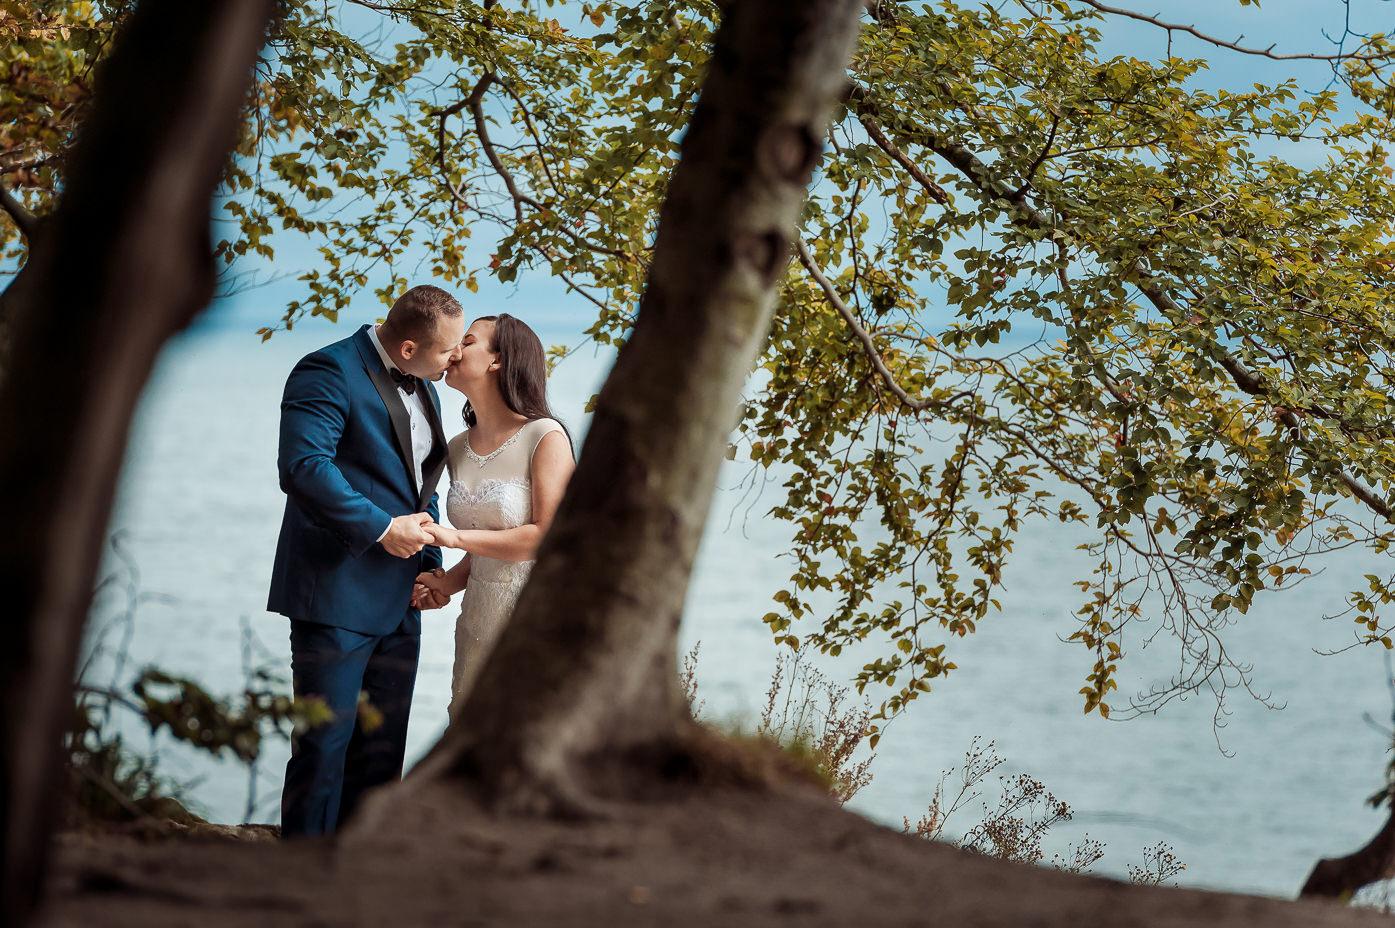 Fotograf weselny - zapadające w pamięć zdjęcia ślubne w Trójmieście i okolicach